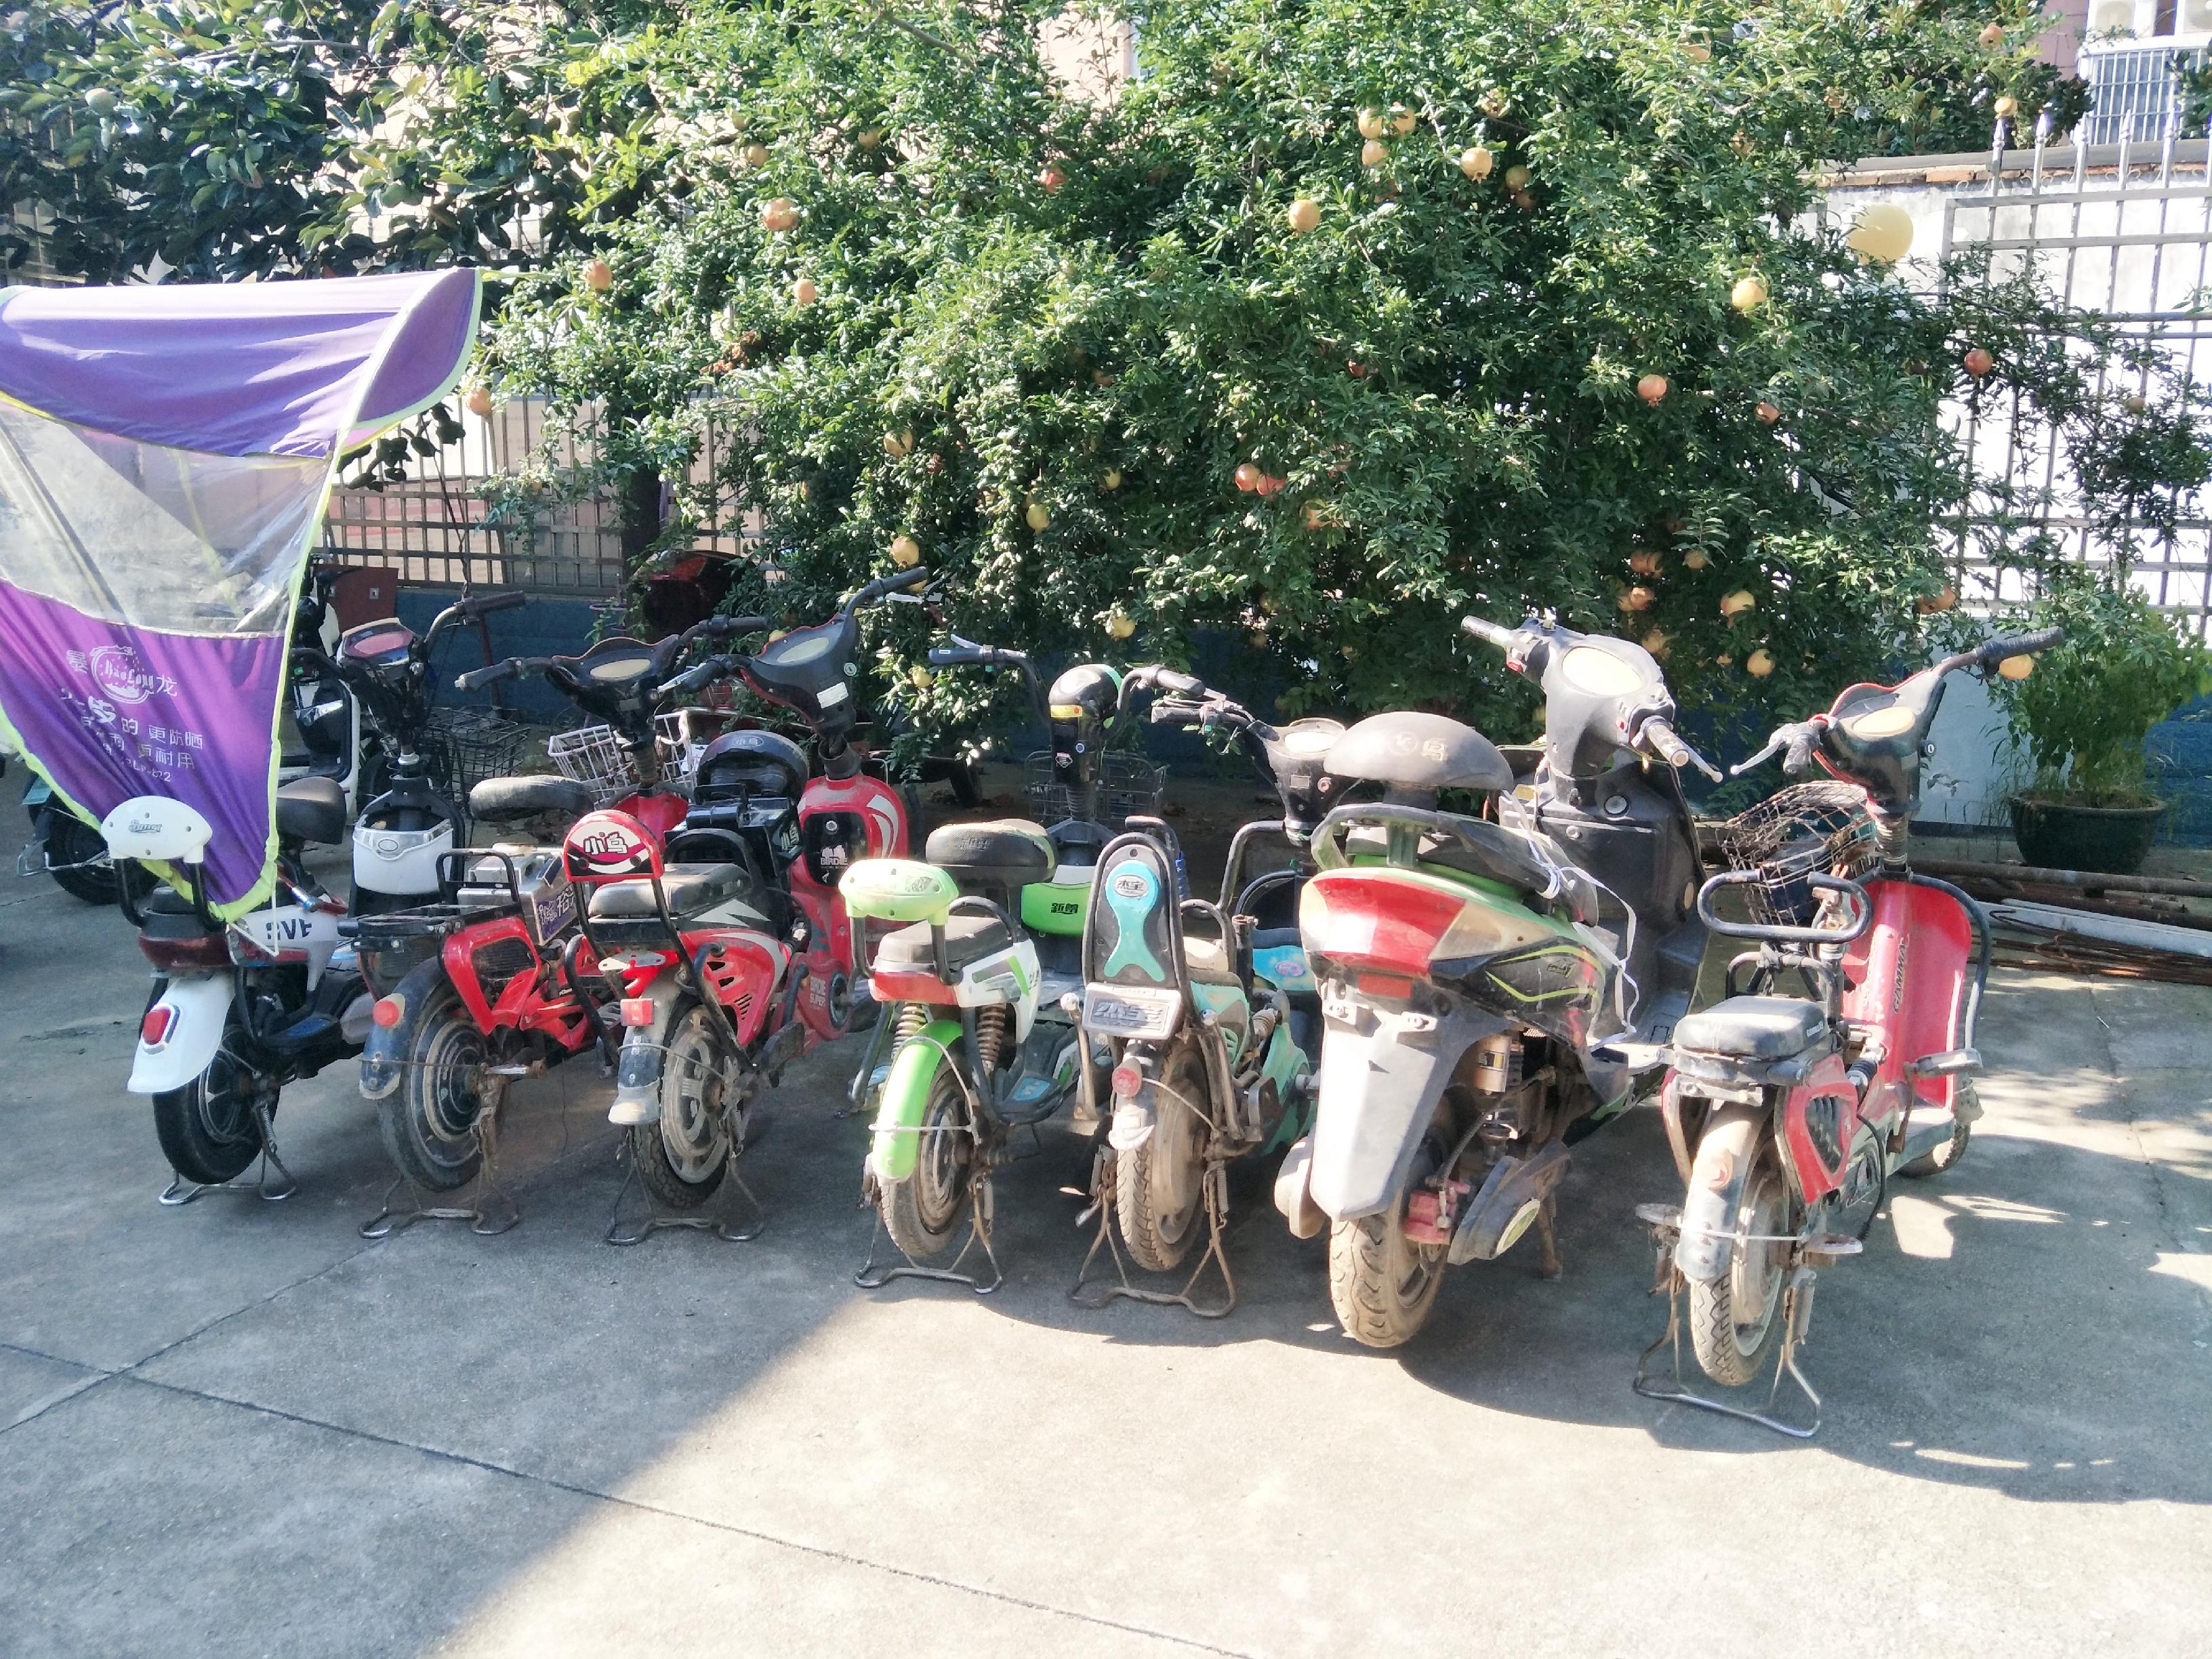 西平县民警:走访中认出盗窃嫌疑人 带破系列电动车盗窃案